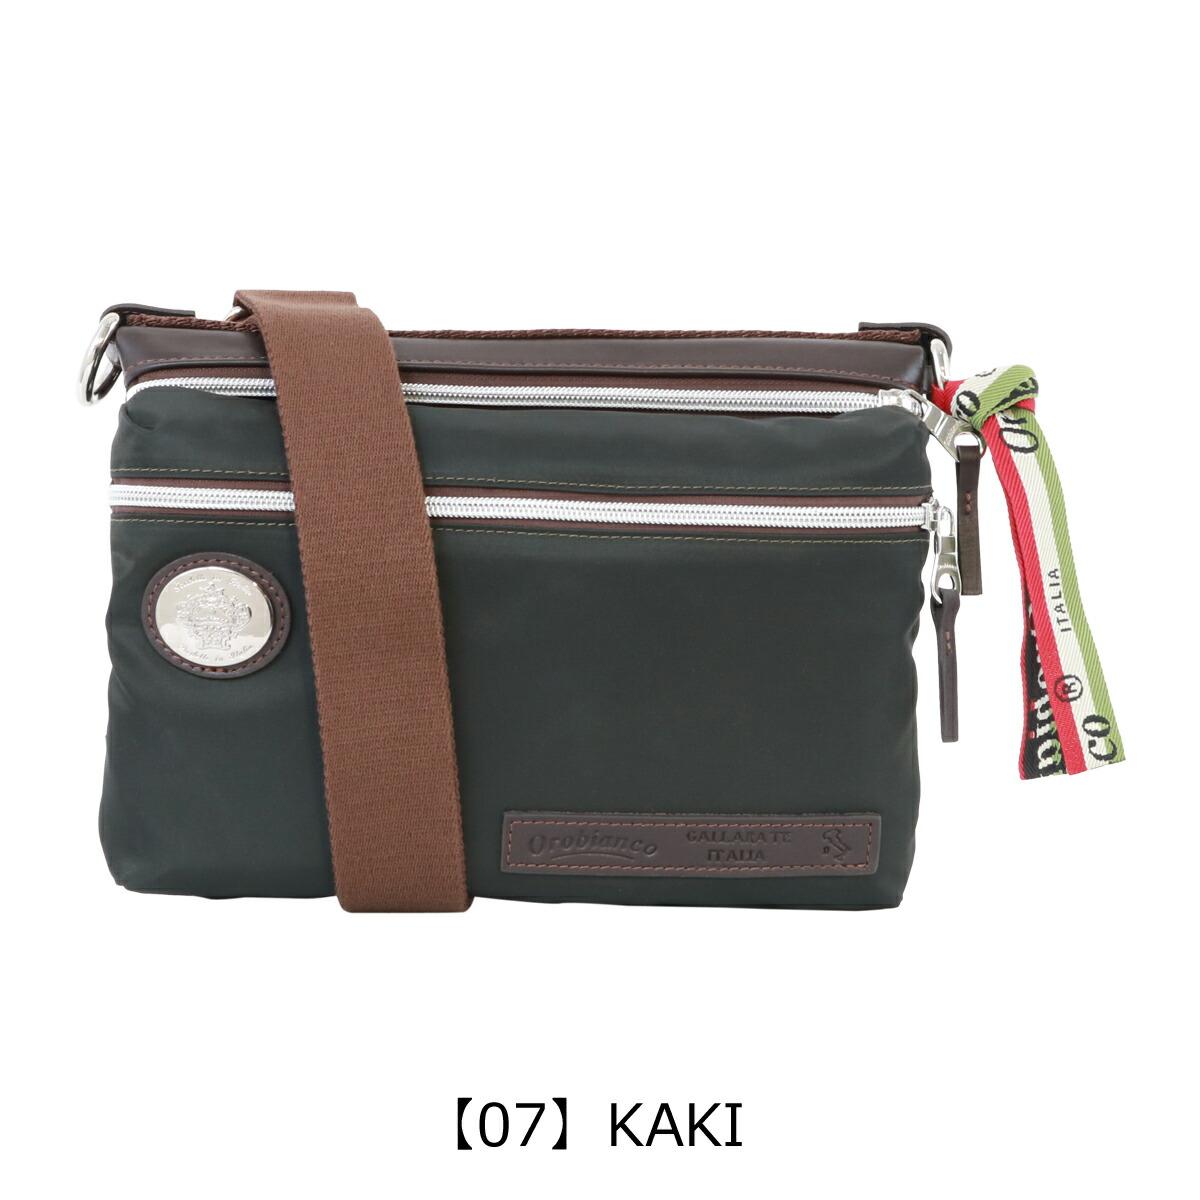 【07】KAKI